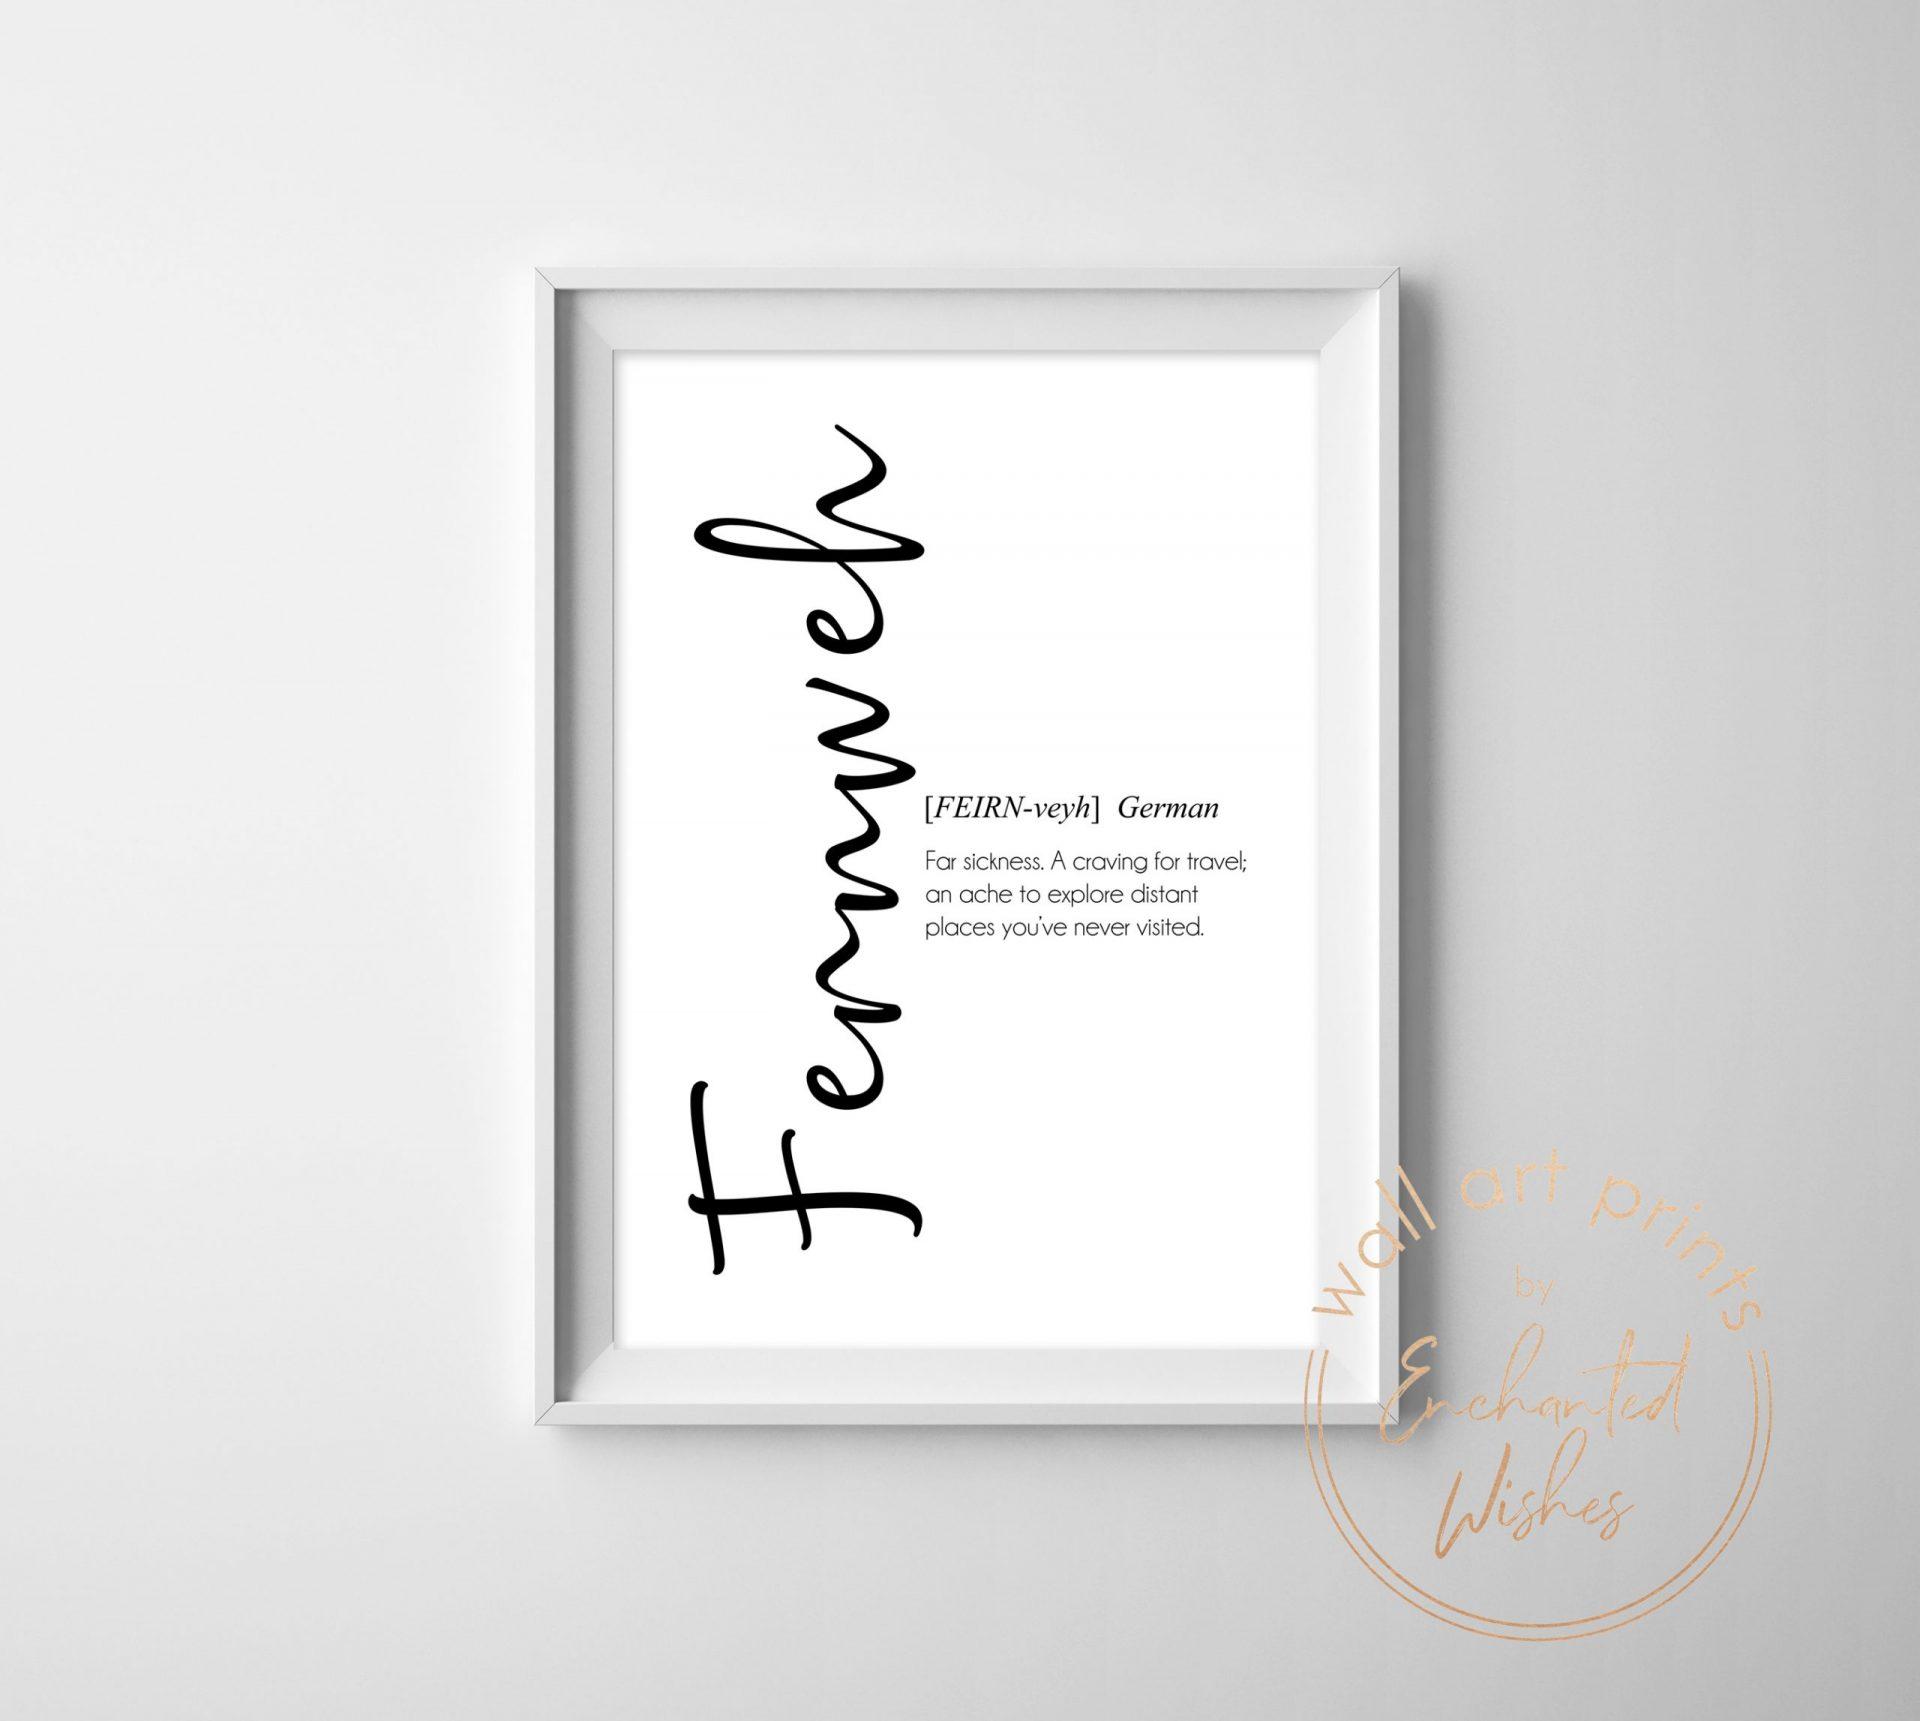 Fernweh definition print